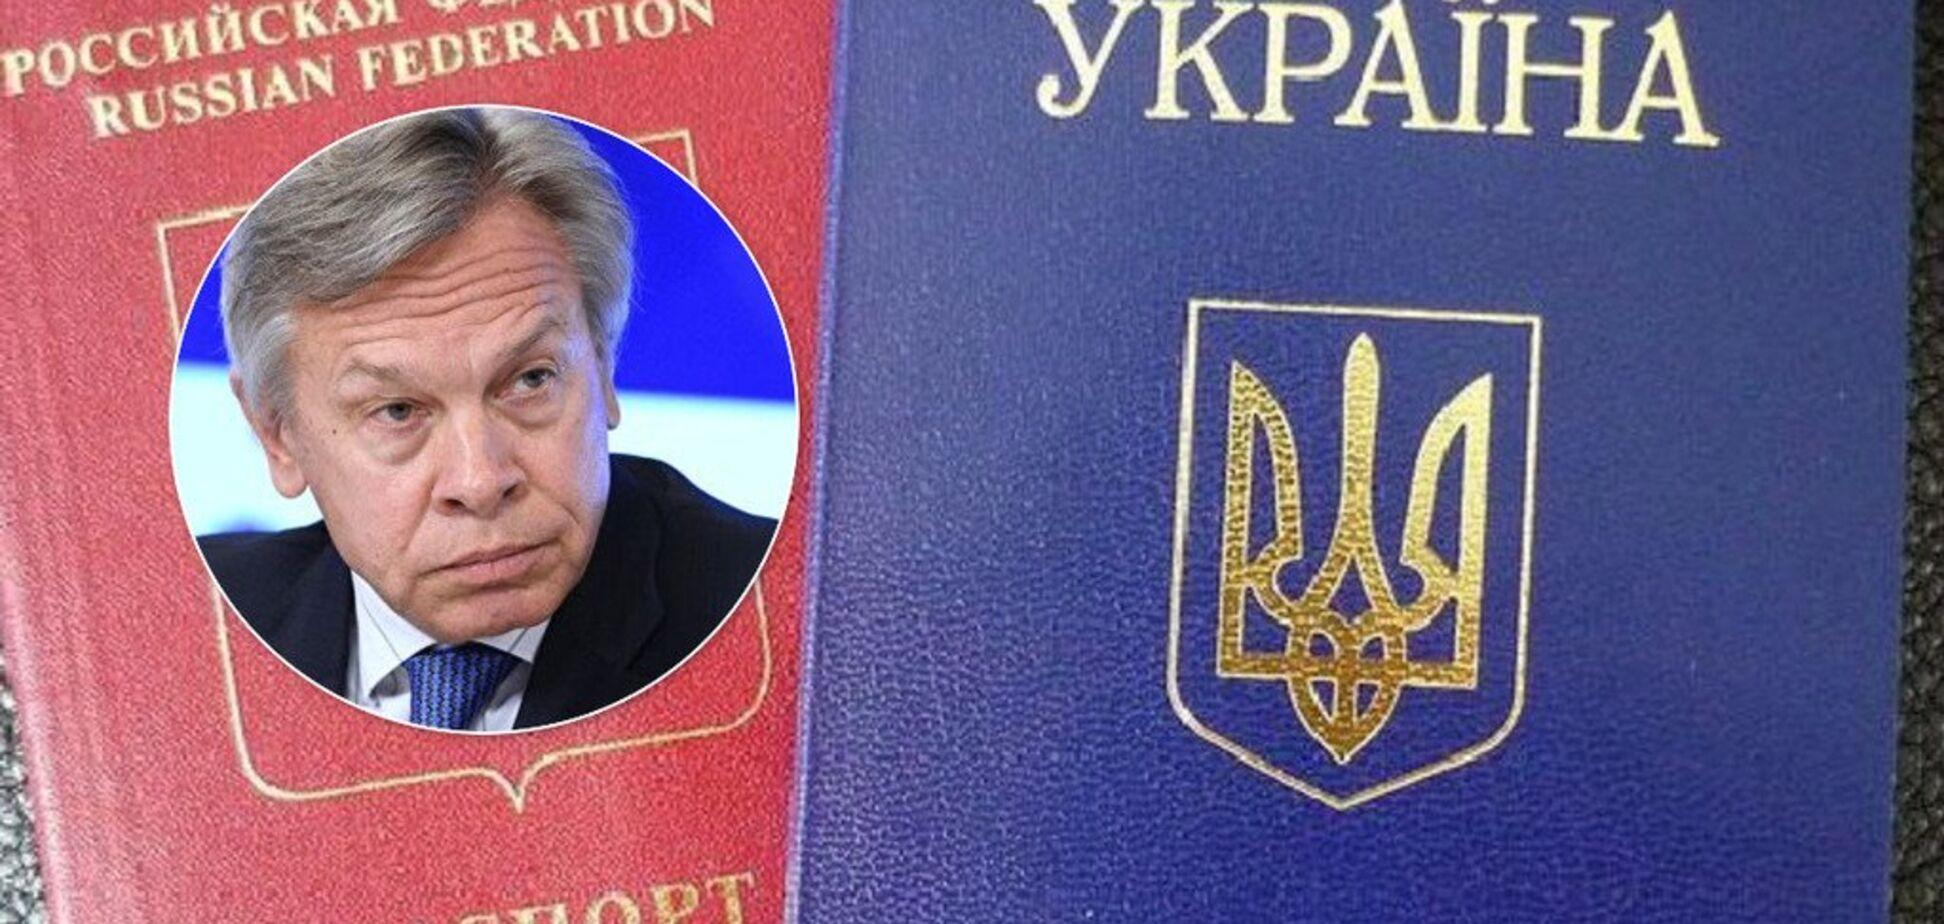 'Зеленскому не помешает': у Путина оболгали Украину из-за российских паспортов на Донбассе